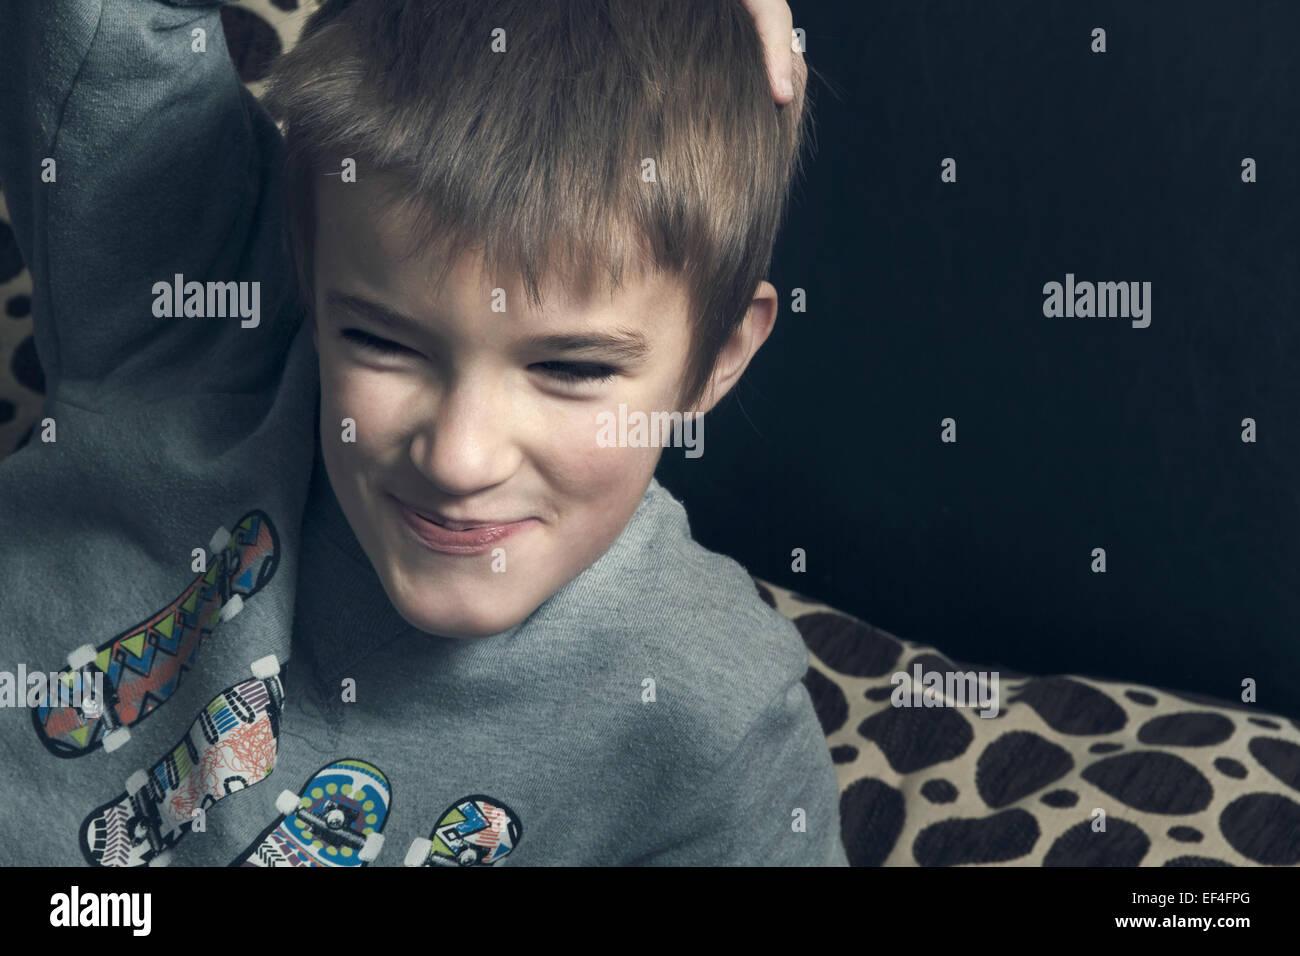 Junge im Wohnzimmer zu lachen. Stockbild